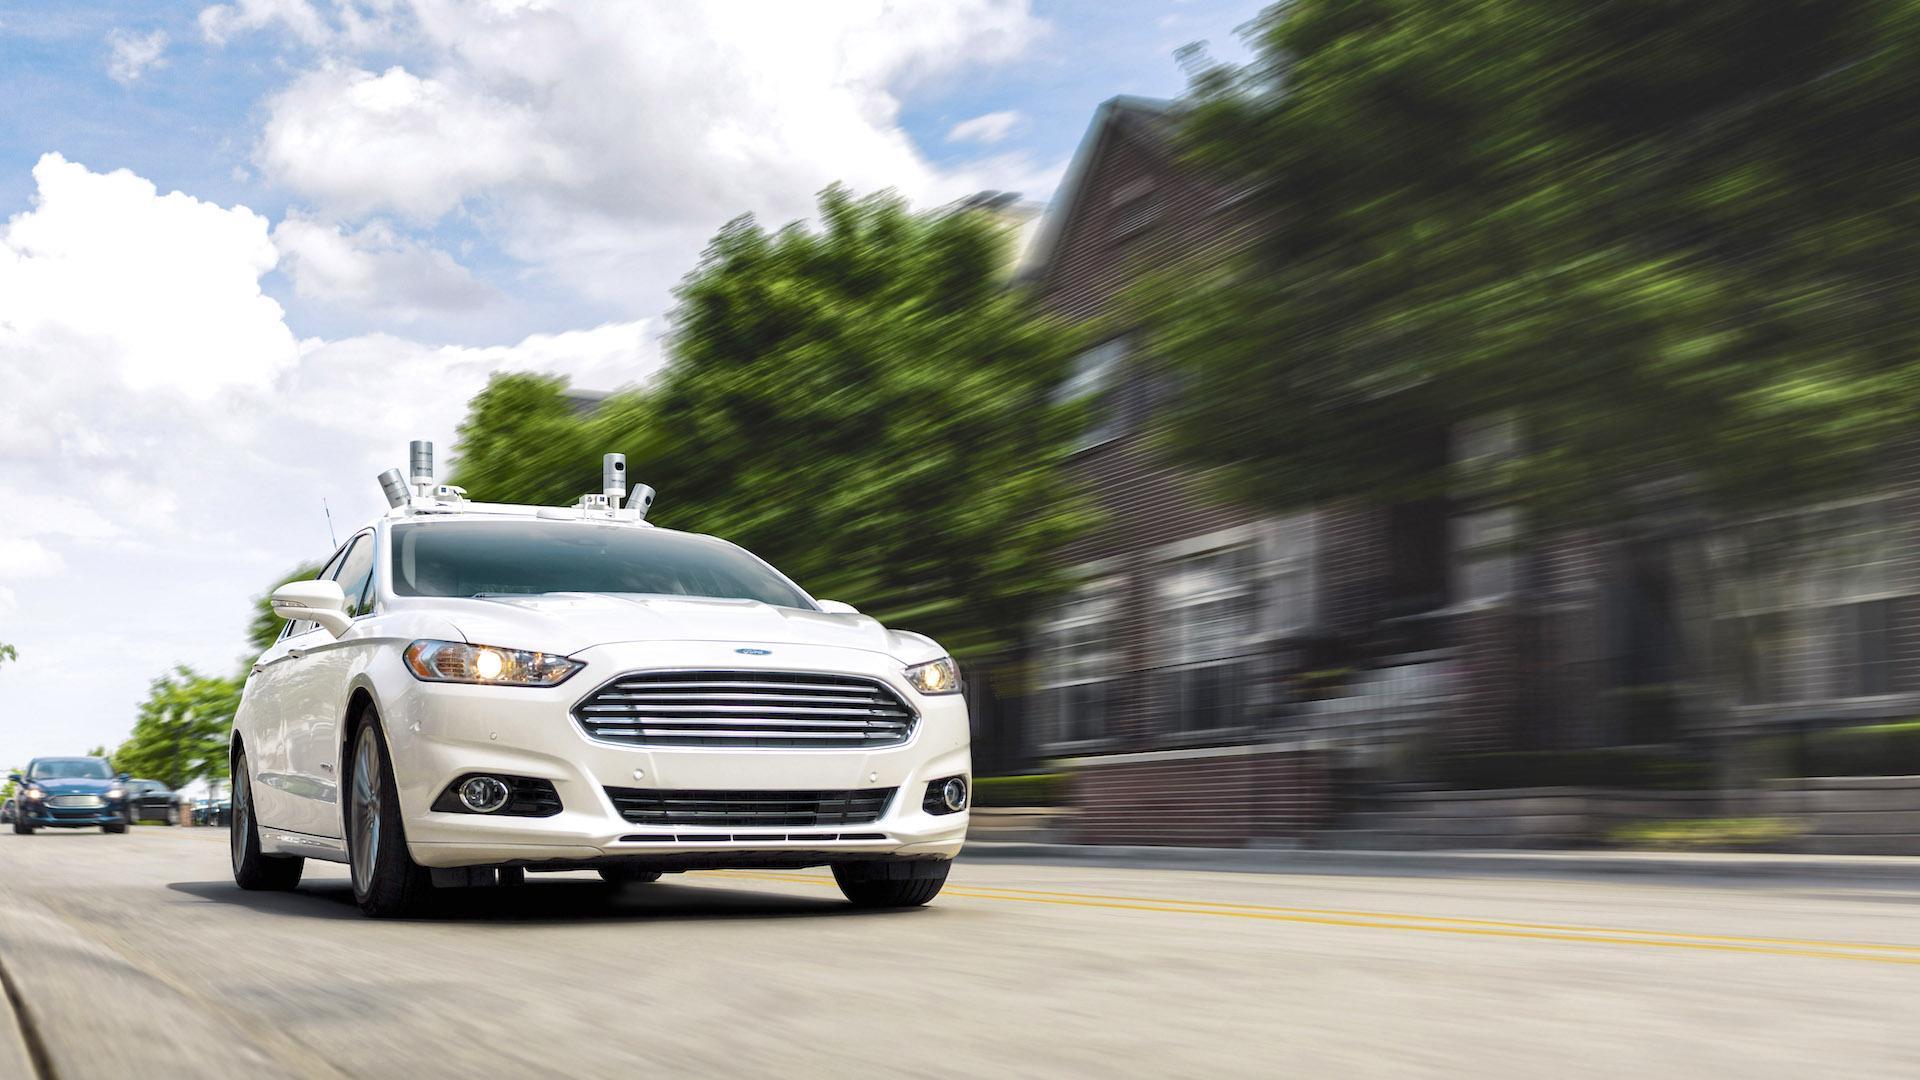 Ford anunció sus autos autónomos, sin volante ni pedales, para 2021